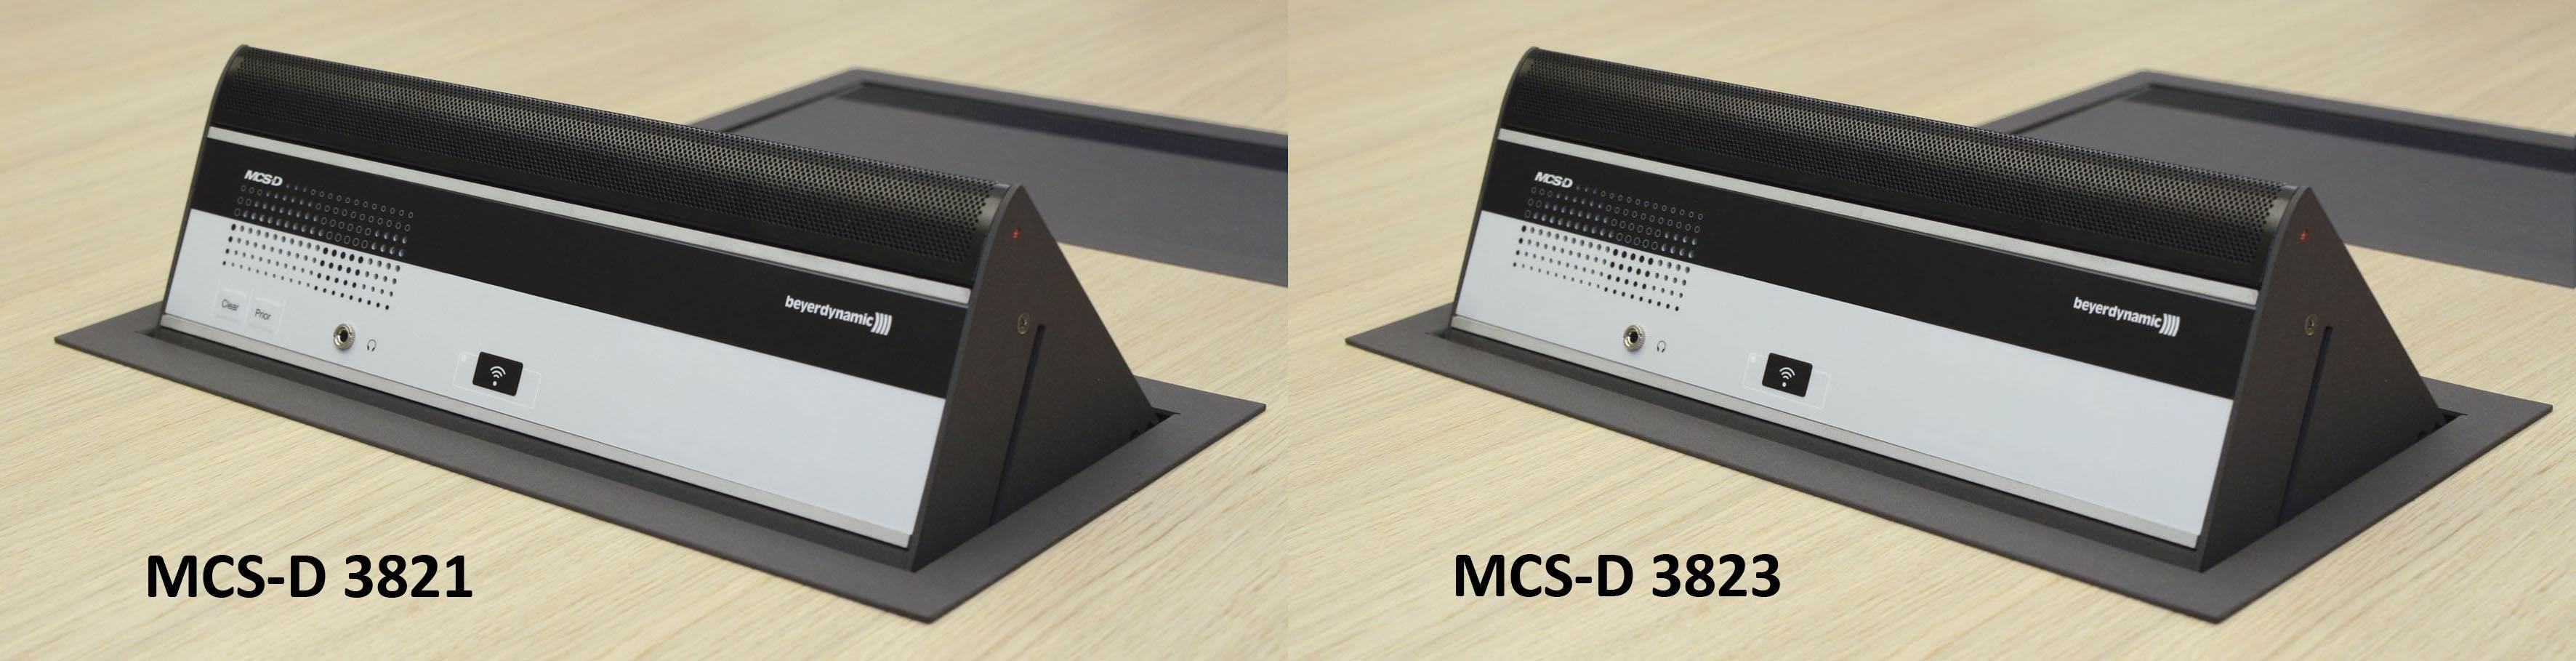 یونیت کنفرانس دیجیتال محصول کمپانی Beyerdynamic ( بیرداینامیک ) مدل MCS-D 3821 , 3823